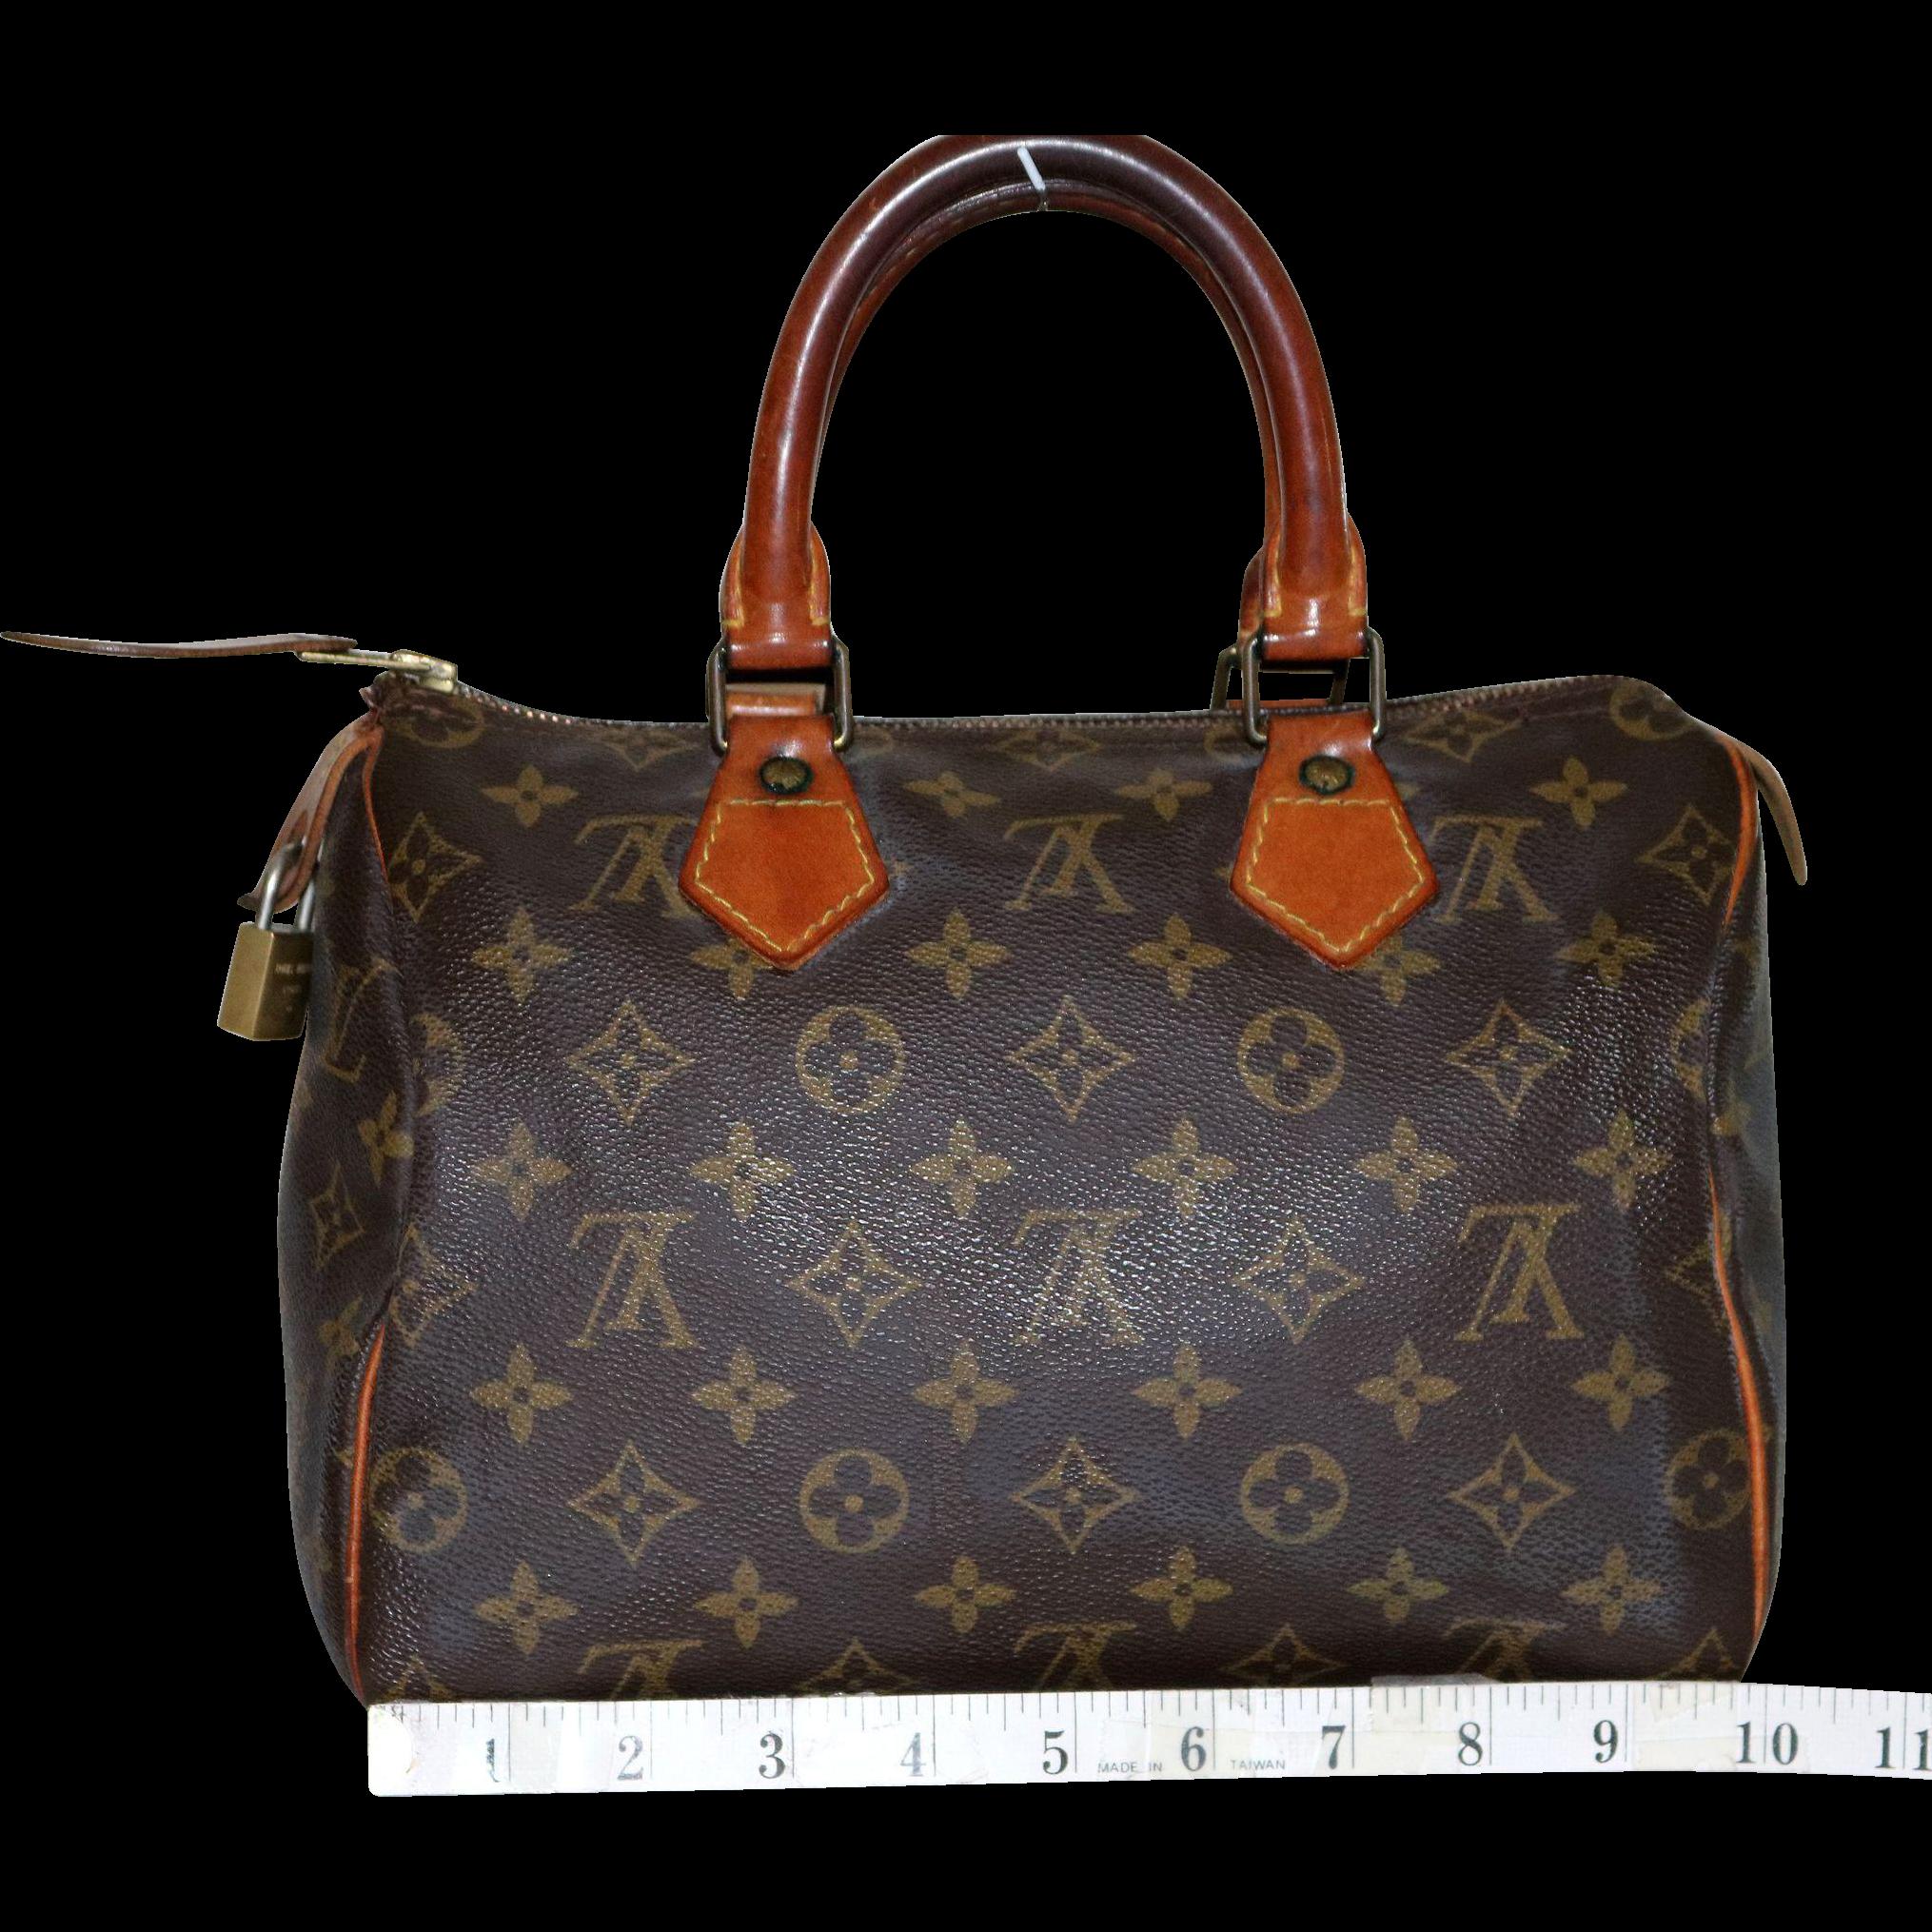 Vintage Louis Vuitton Monogrammed Speedy 25